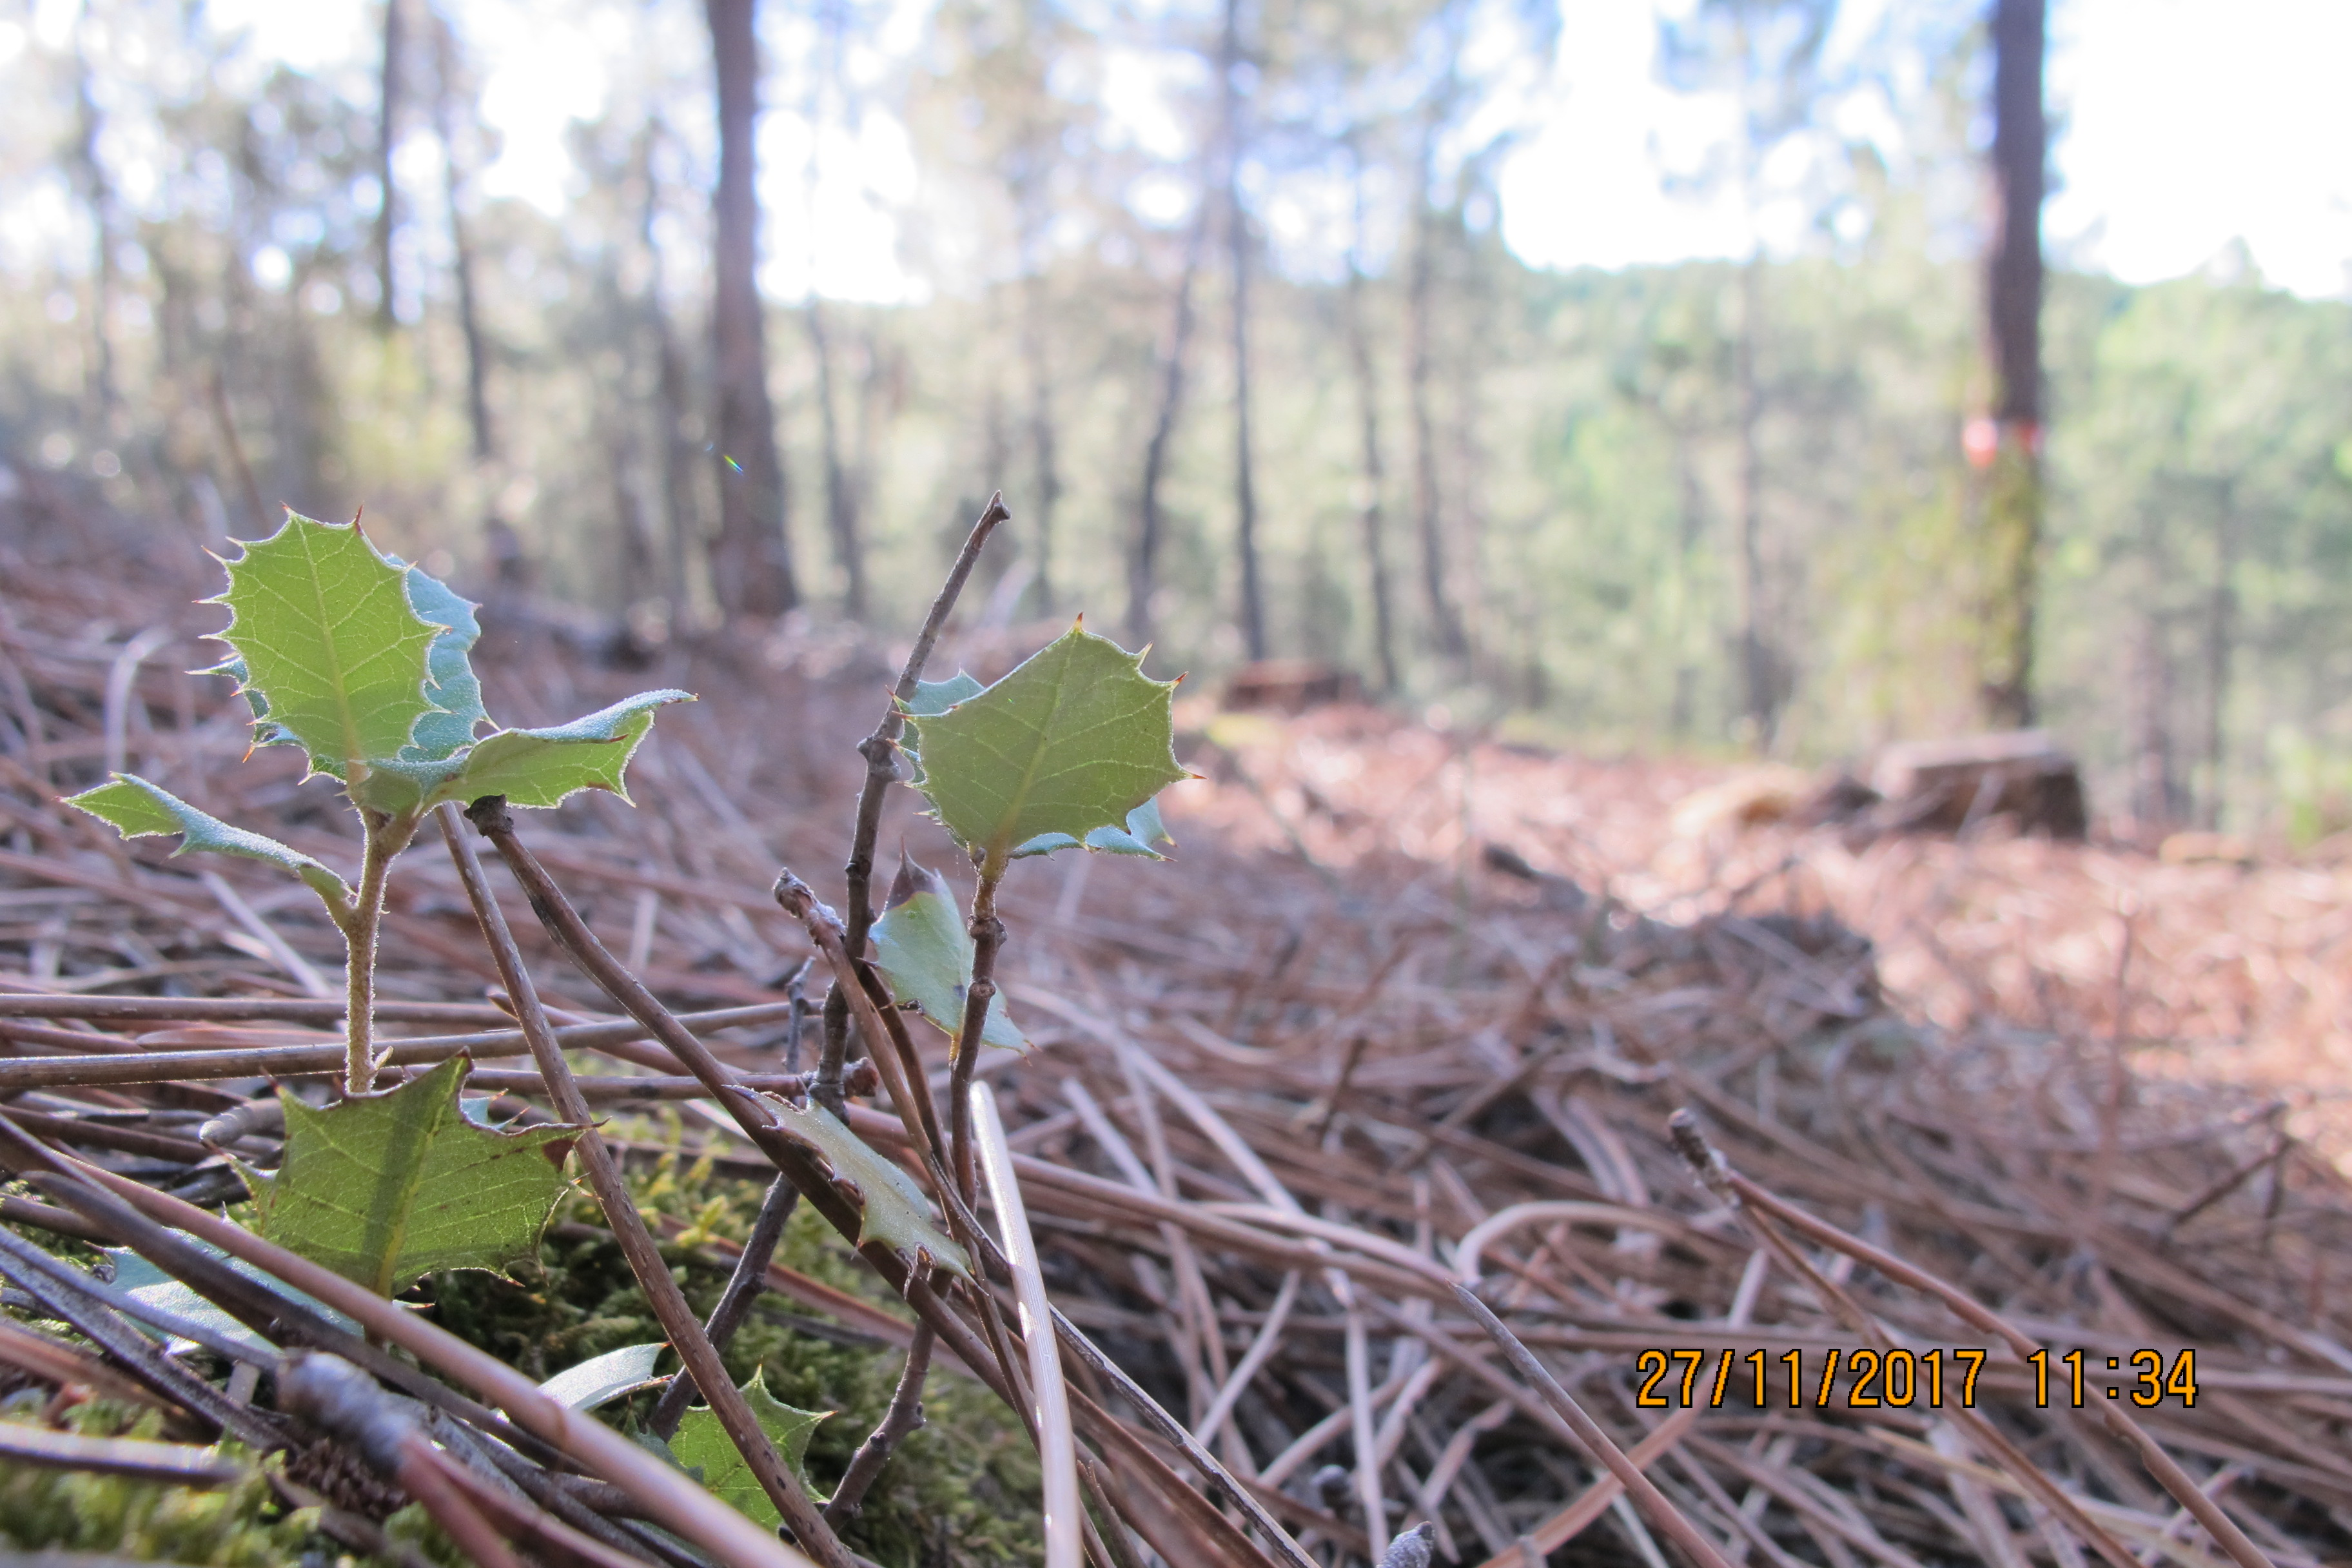 Regeneración de encinas en la repoblación de pino pinaster